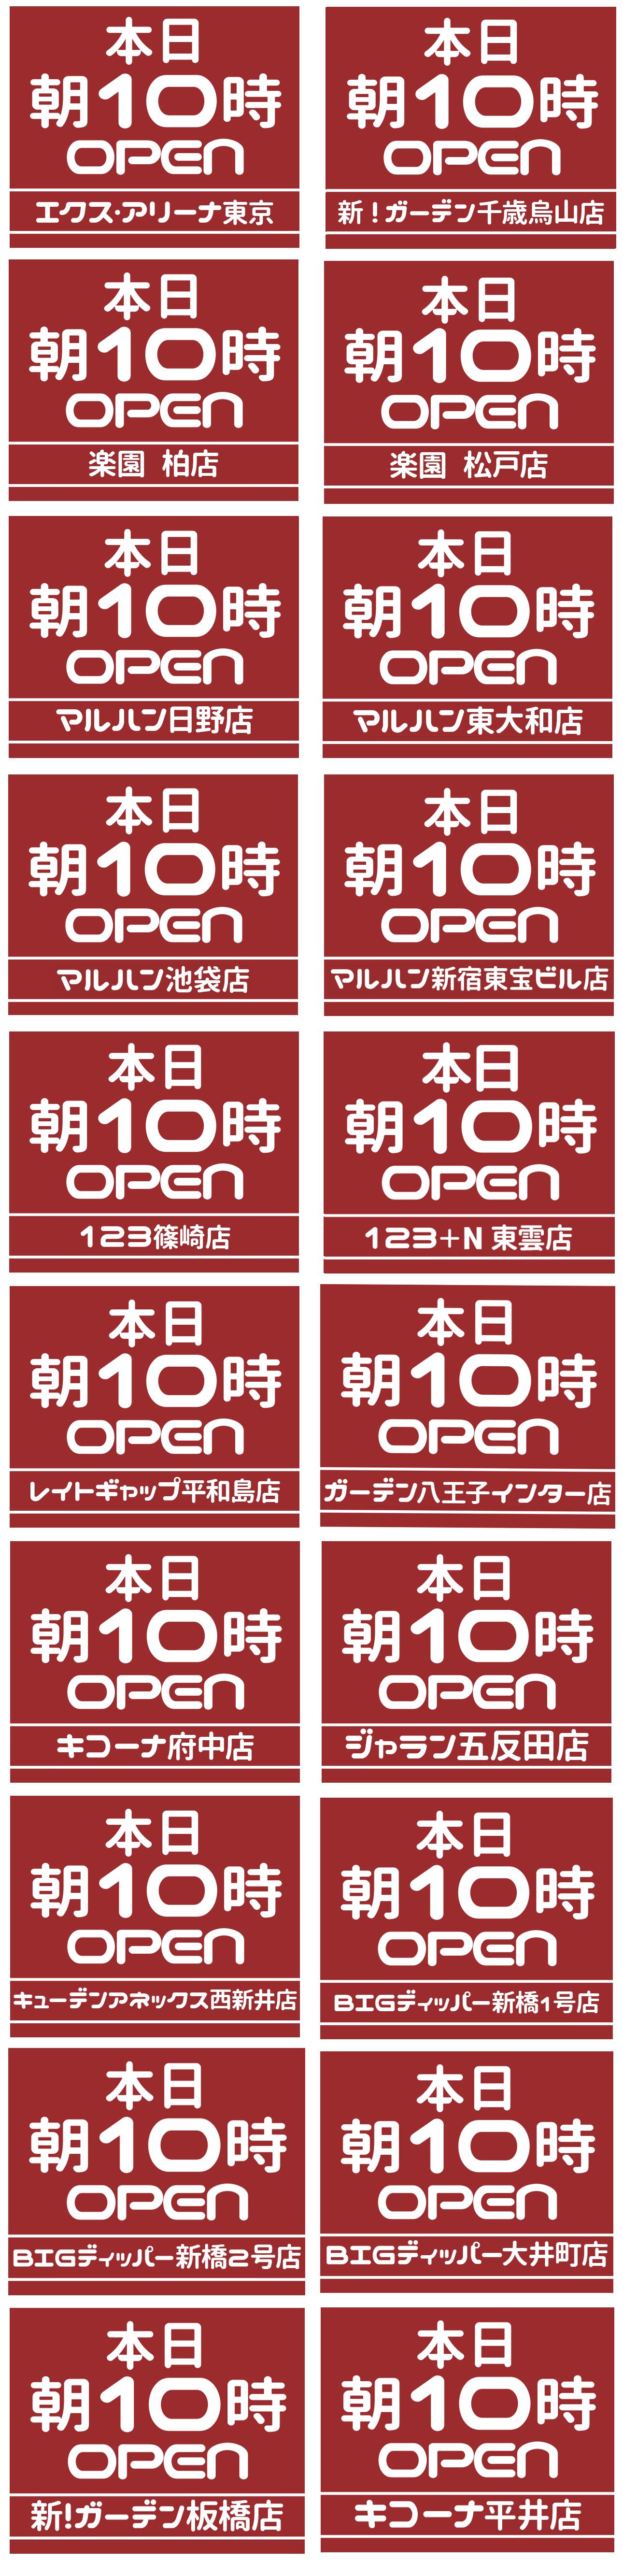 本日東京店舗一覧_1020